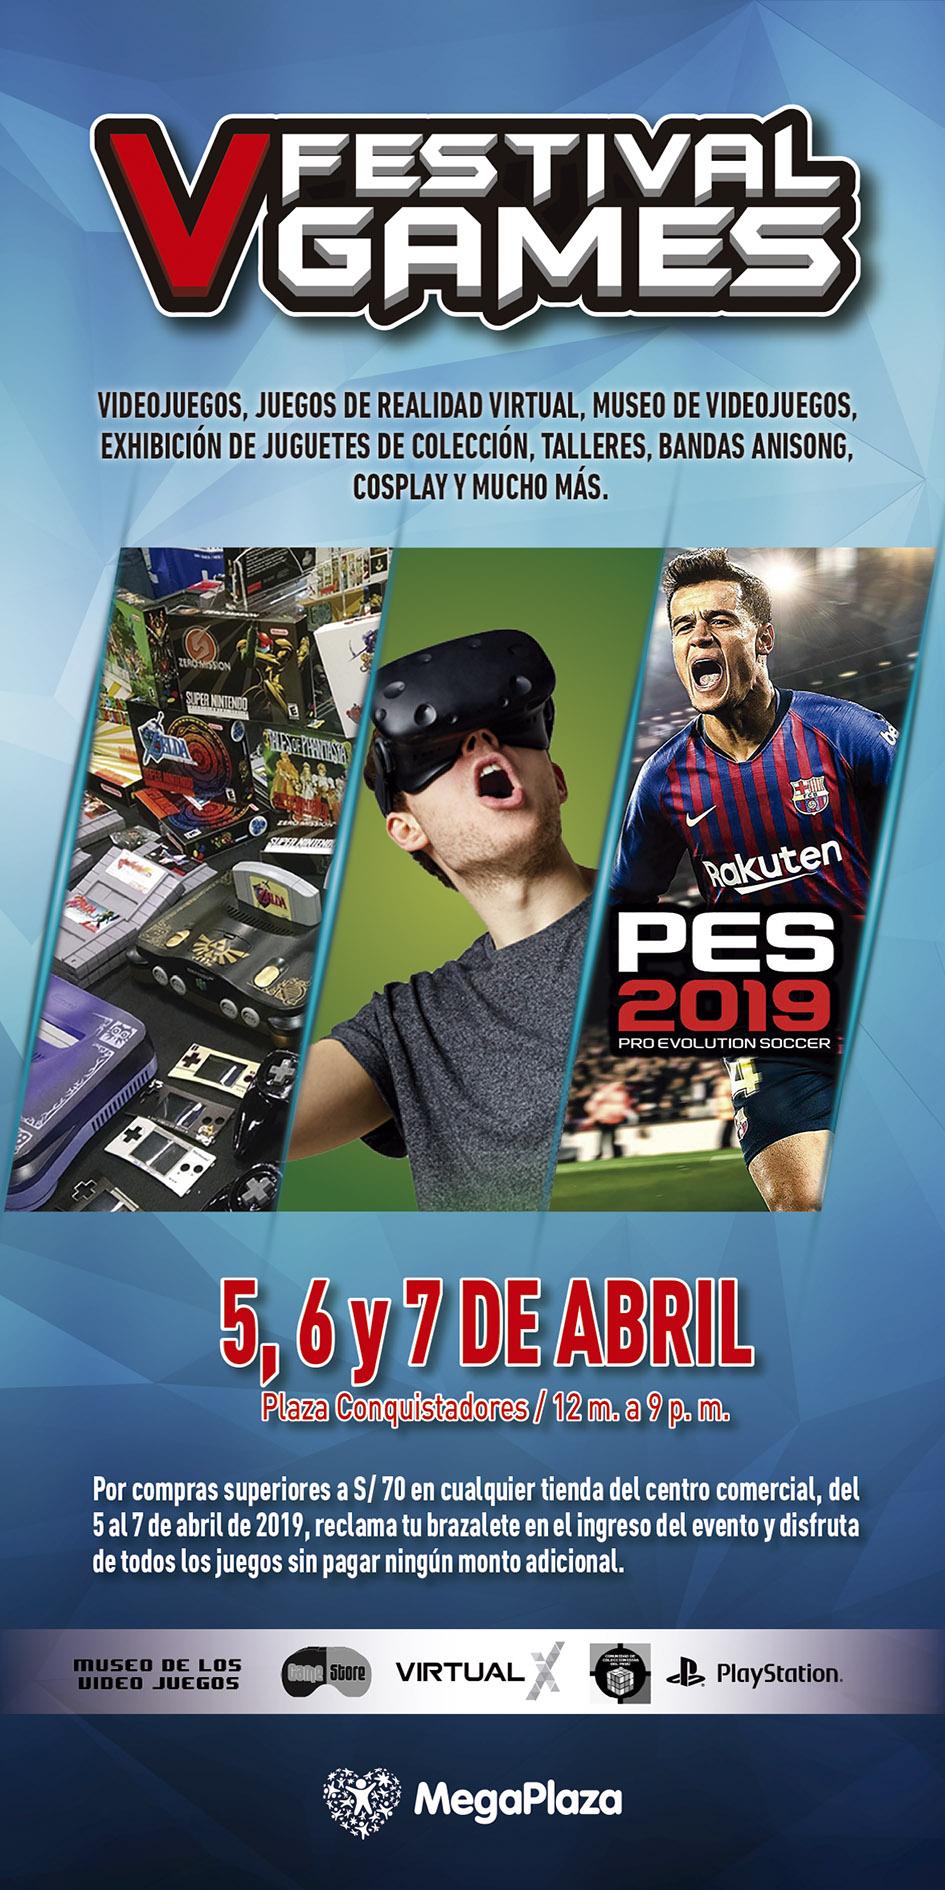 Festival Games tendrá lugar este fin de semana. (Foto: Difusión)